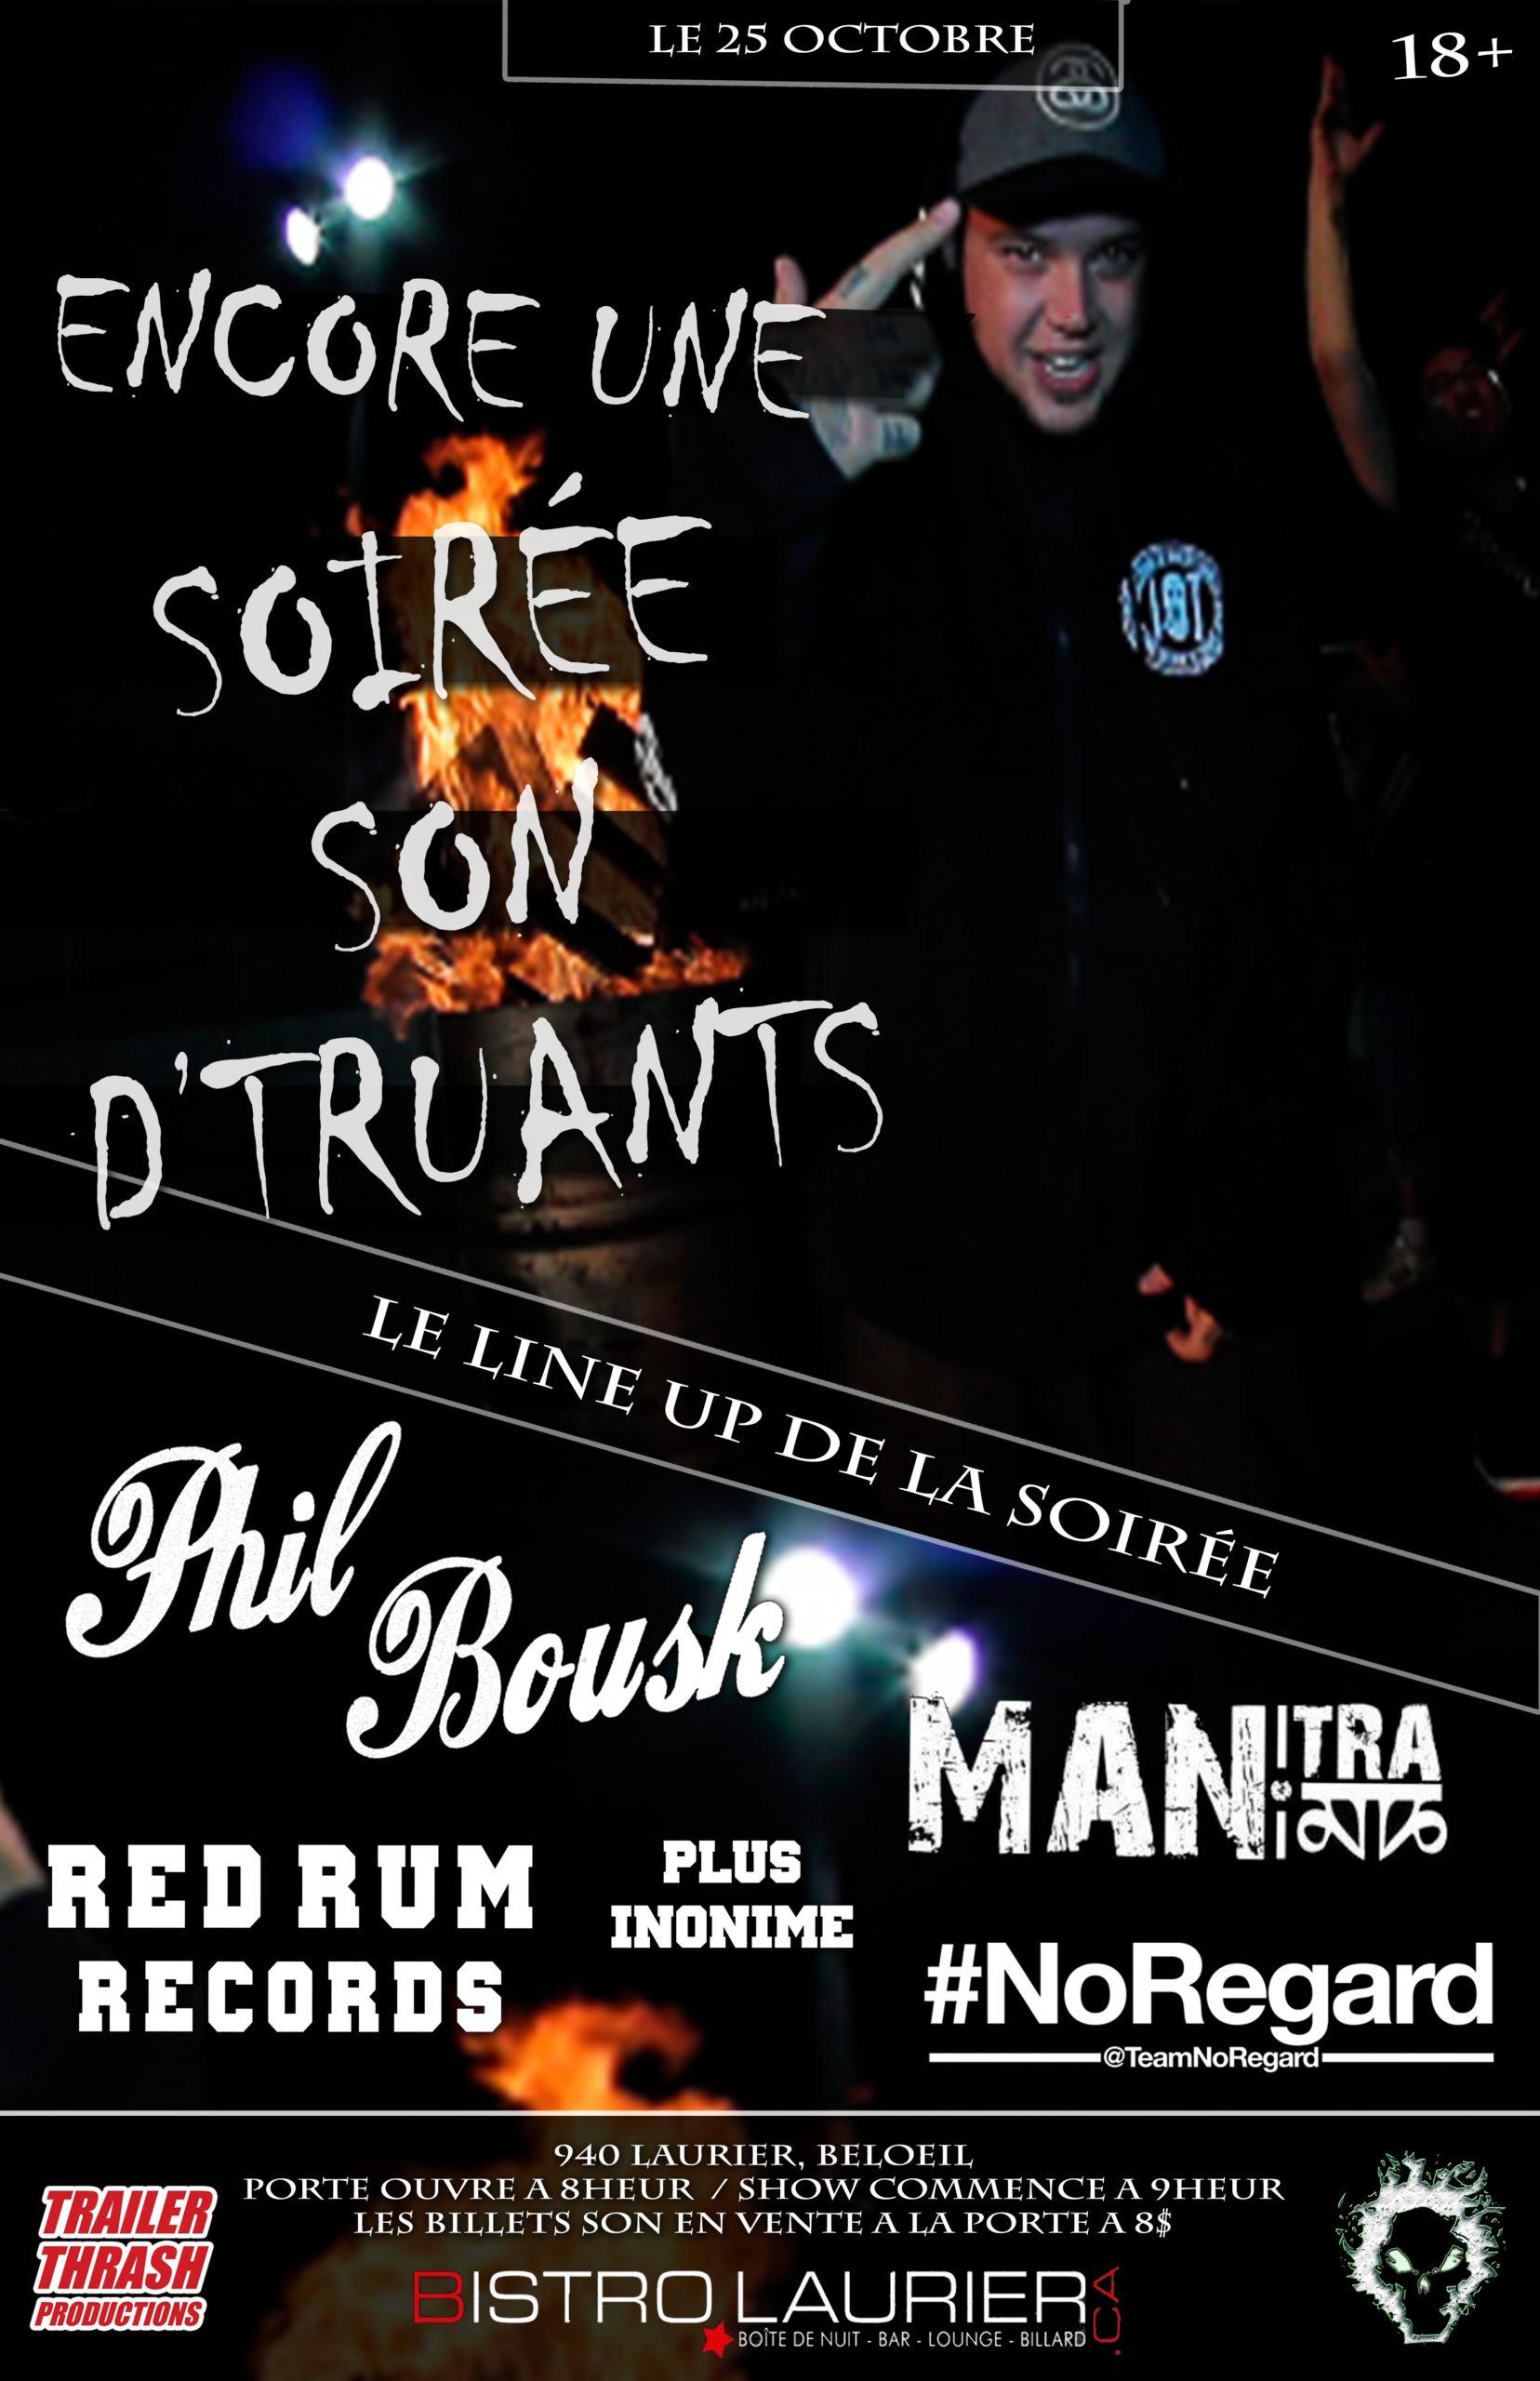 PHIL BOUSK X TRIPLE-R - ENCORE UNE SOIRÉE SON D'TRUANTS Show